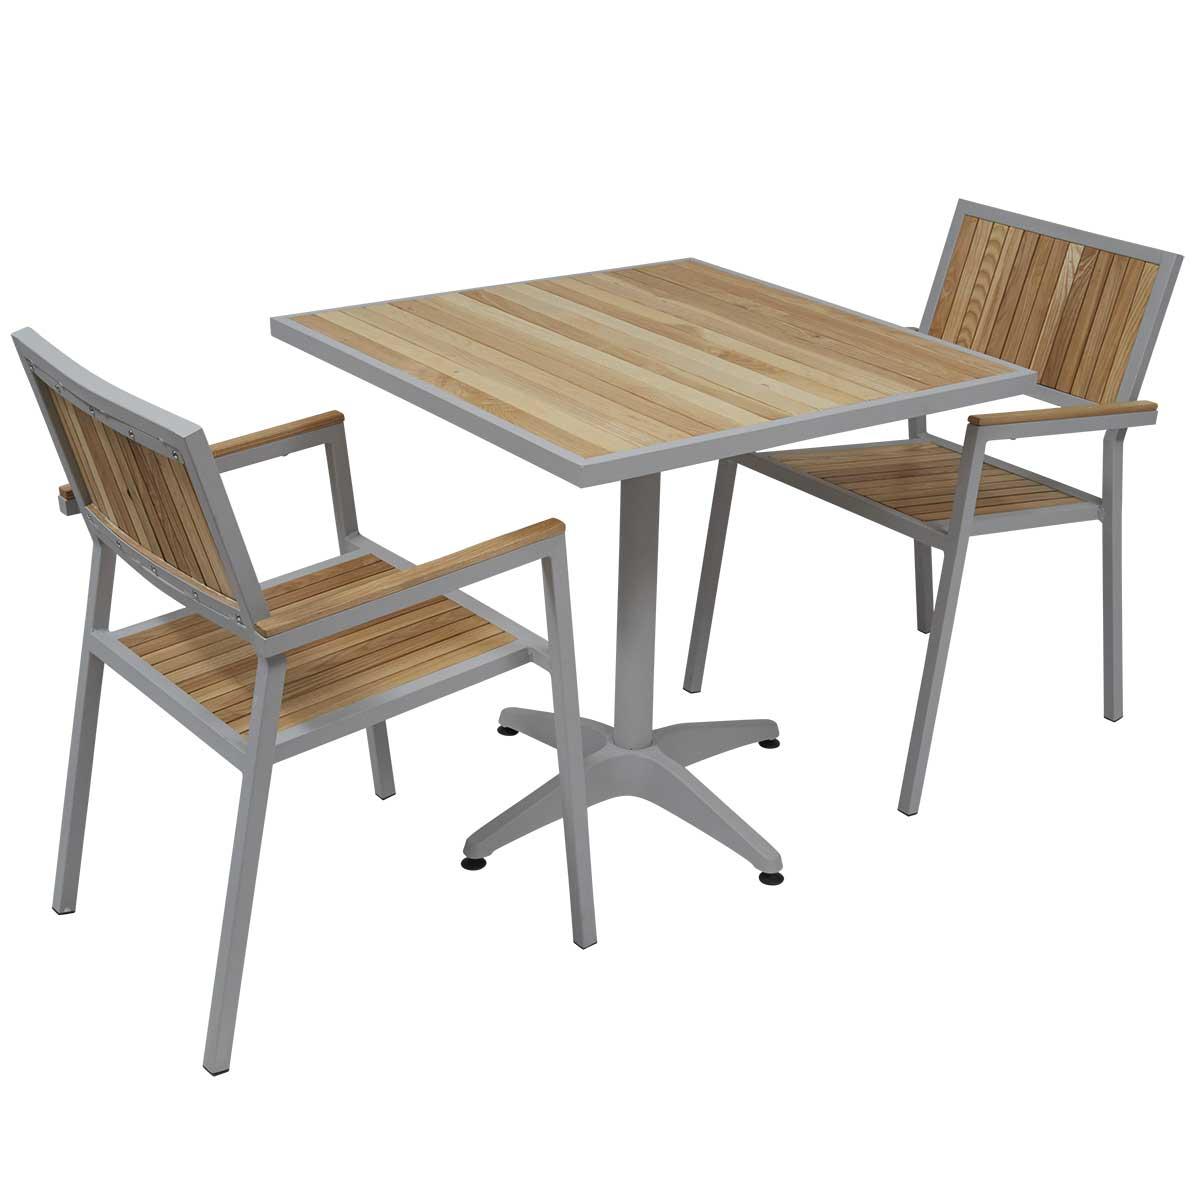 Table De Jardin Ronde Pas Cher Génial Table Terrasse Pas Cher Of 23 Unique Table De Jardin Ronde Pas Cher